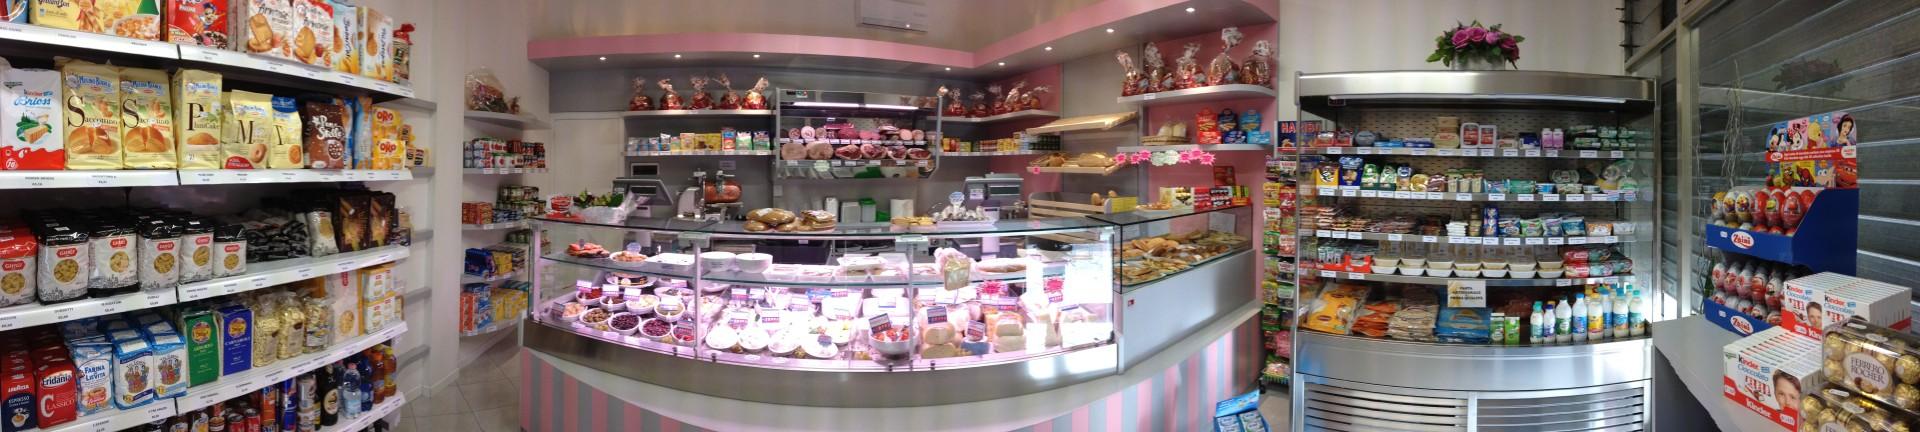 Gastronomia Ripa Rimini